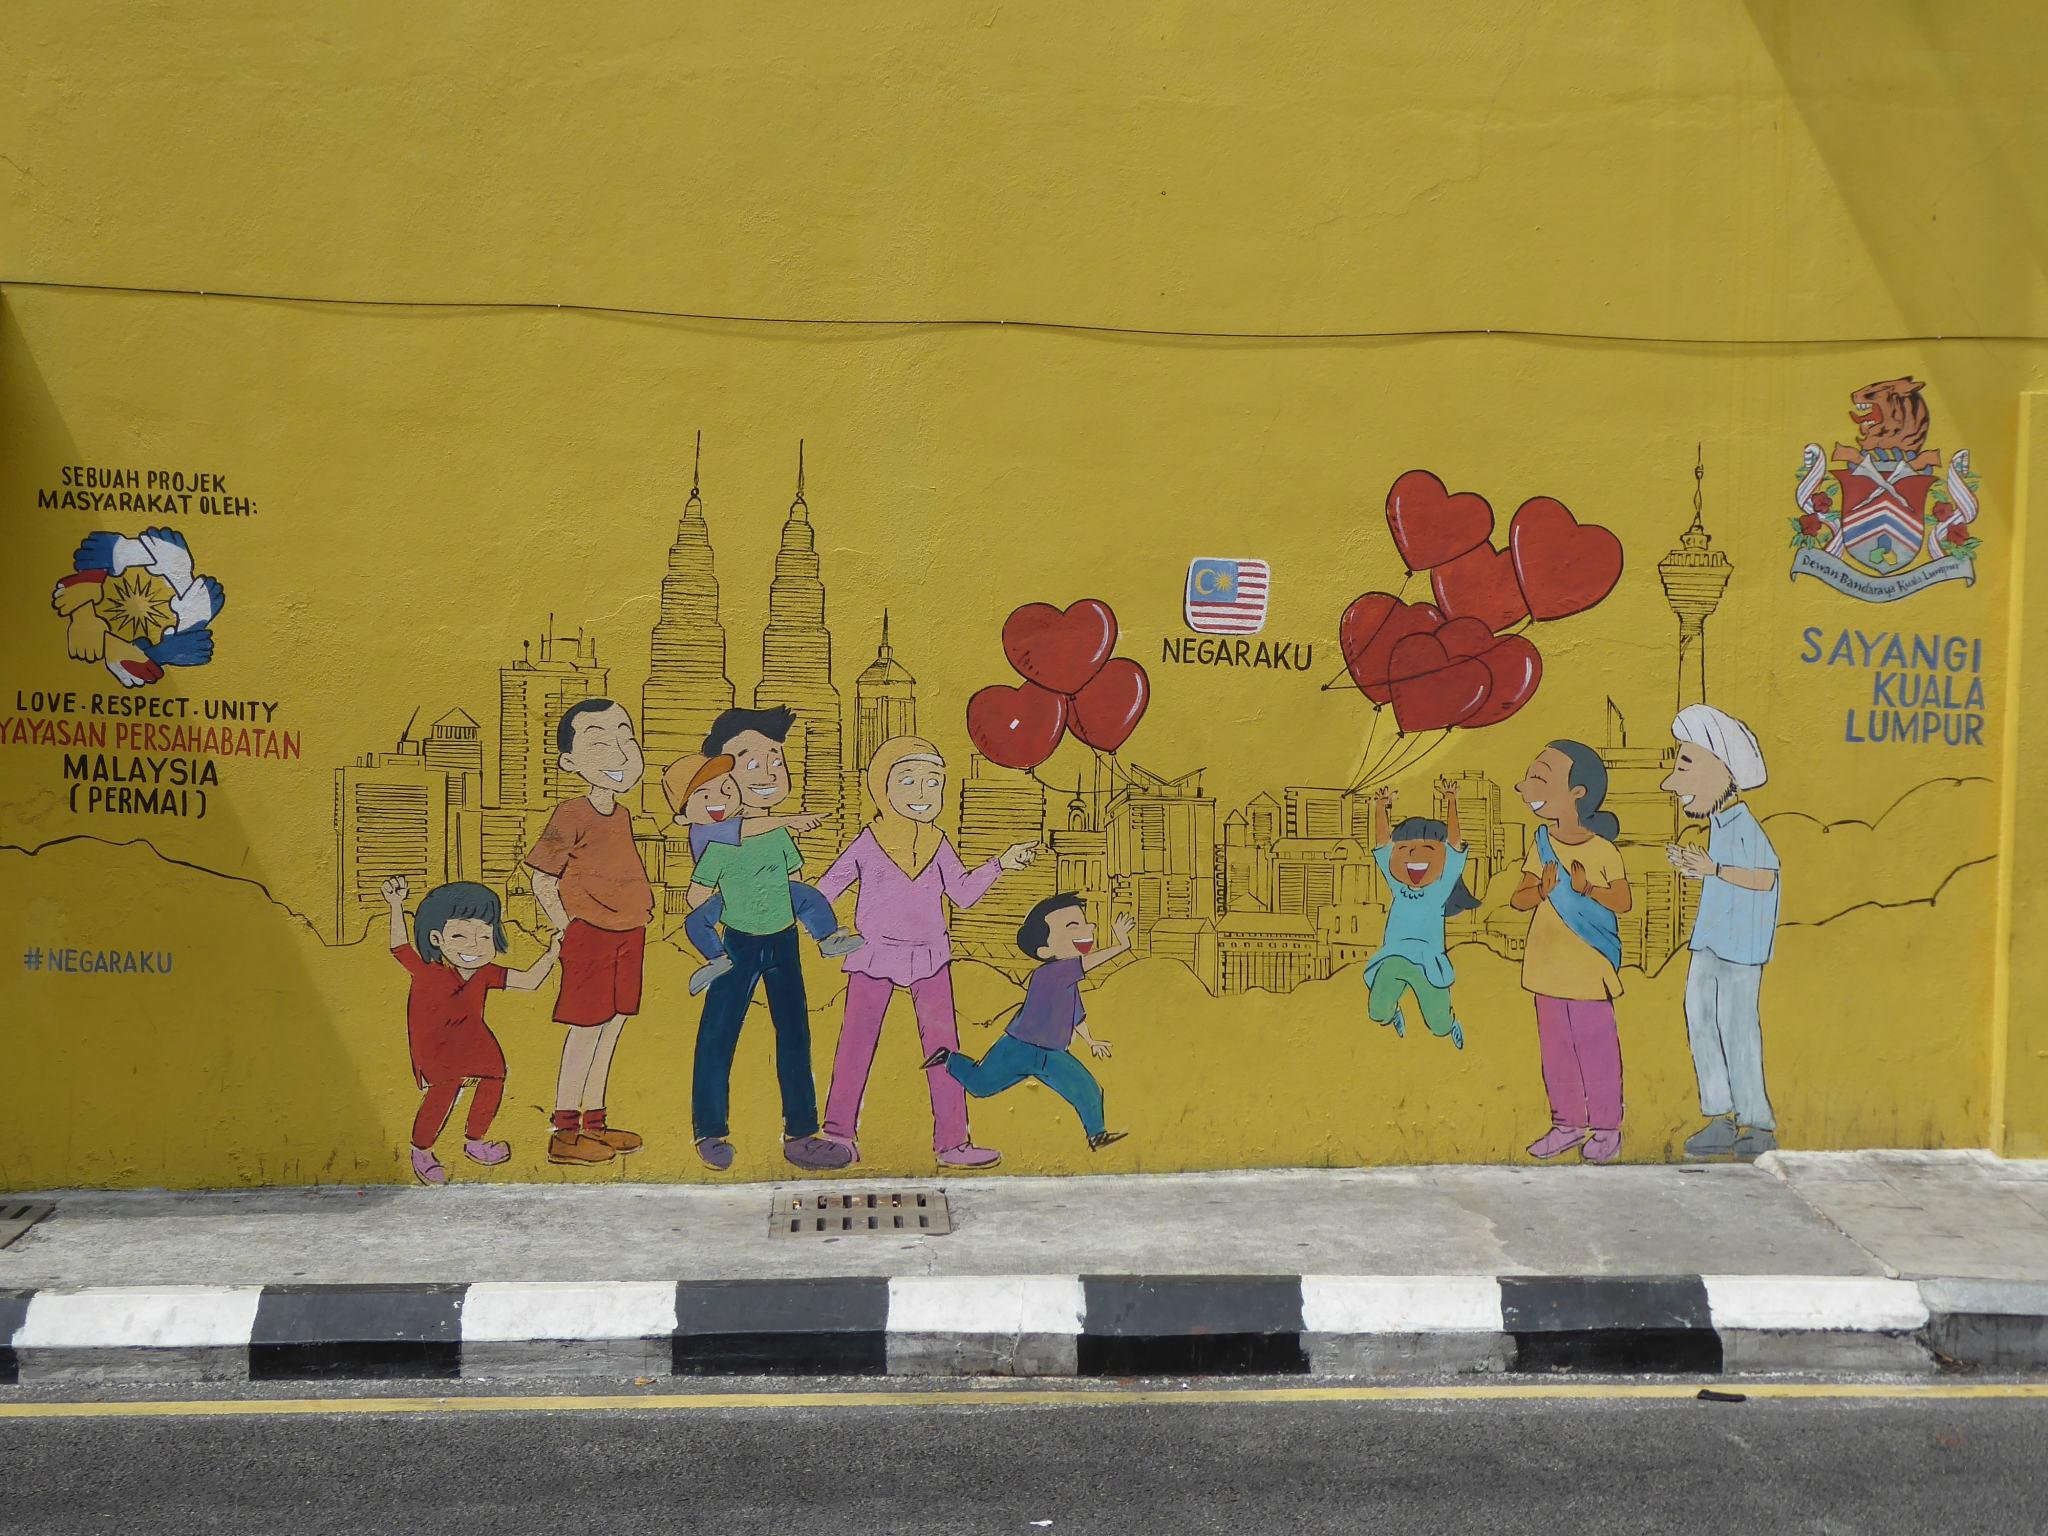 Kuala Lumpur Travel Guide - Exploring The Malaysian Capital